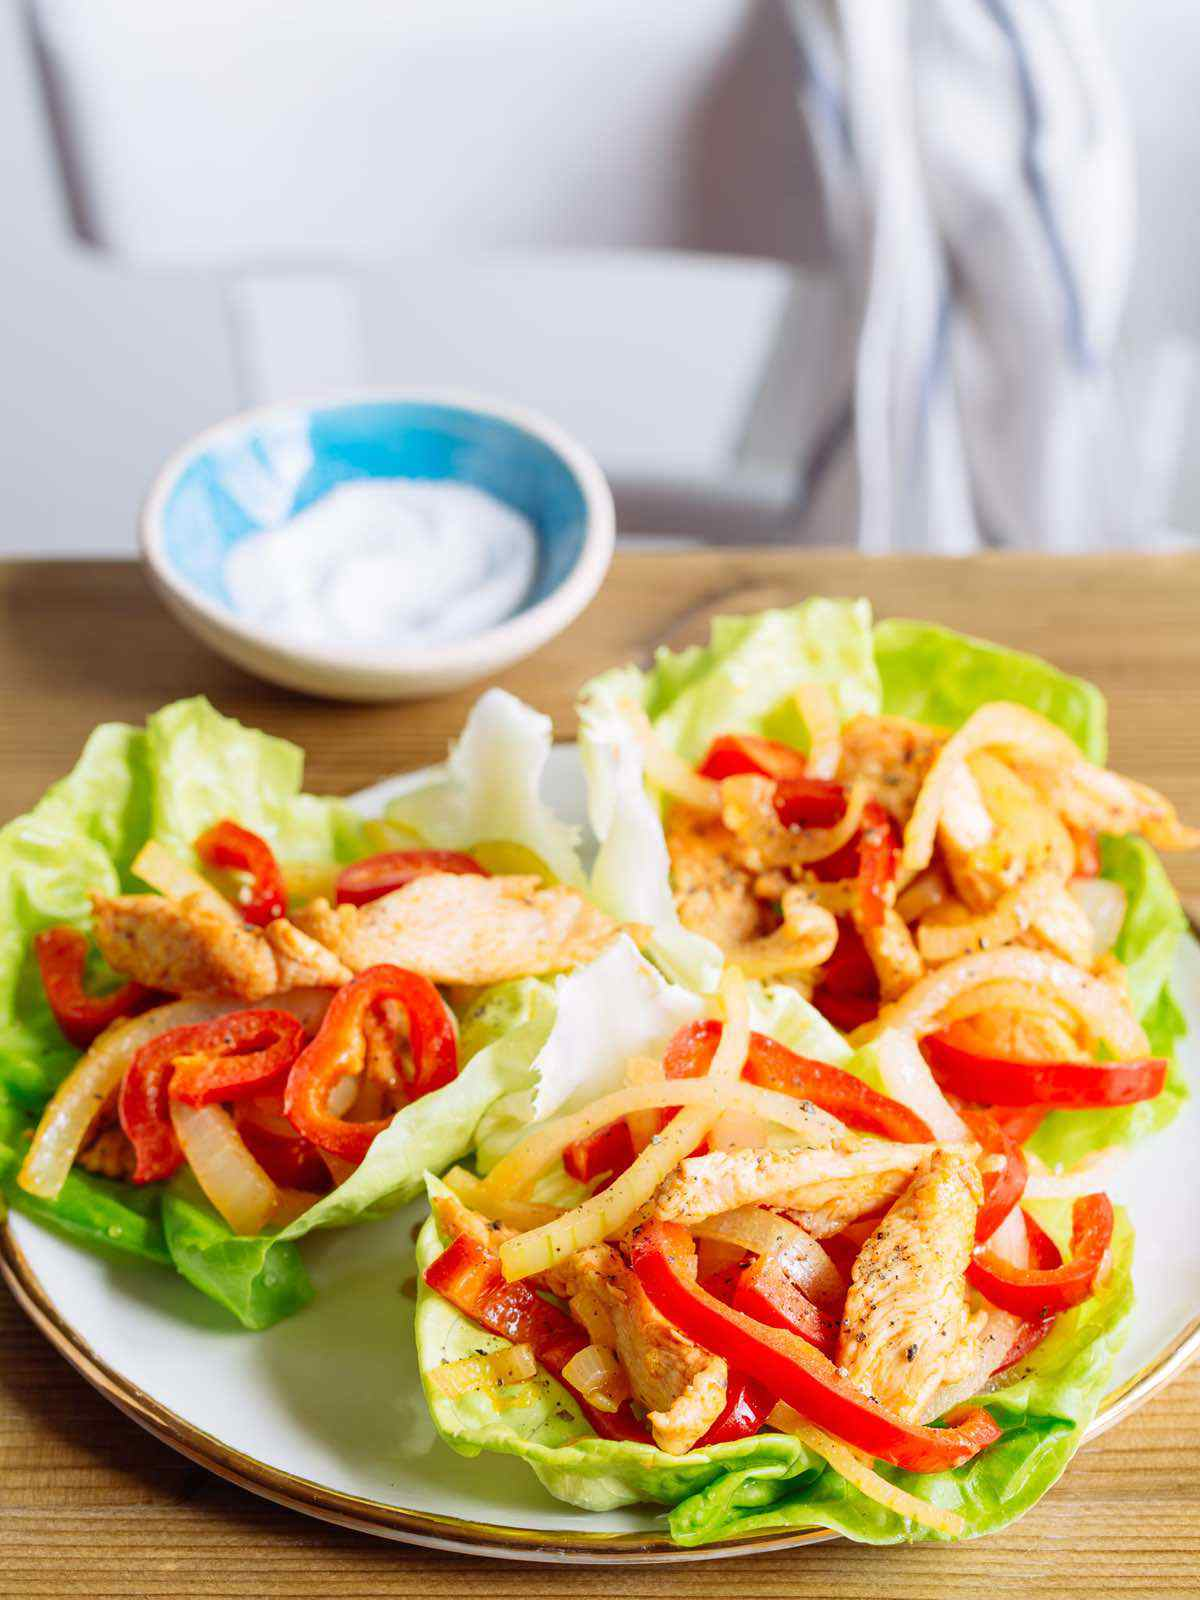 paleo spicy chicken fajita recipe